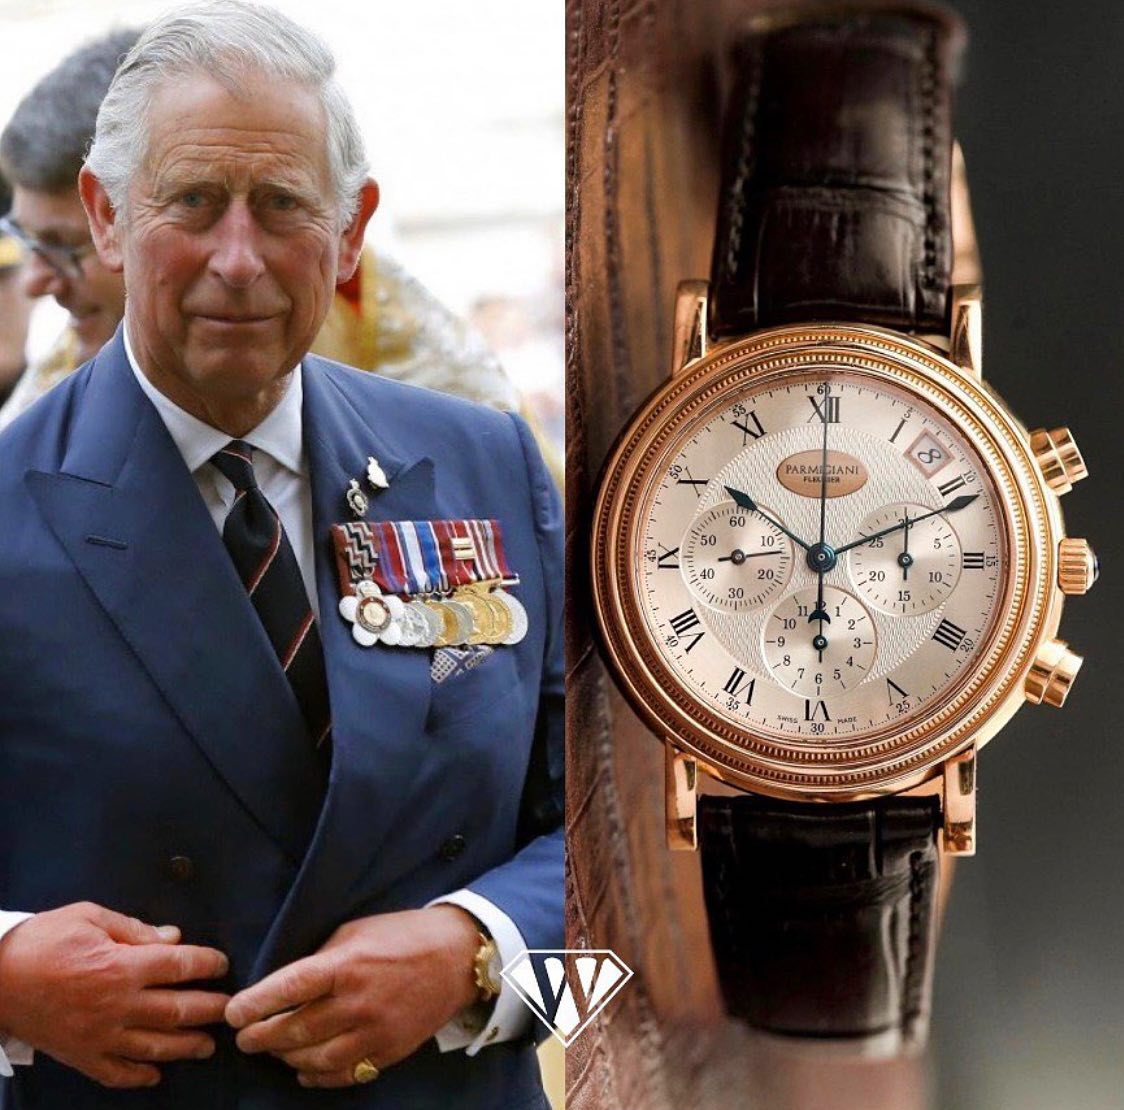 Prince Charles Watch